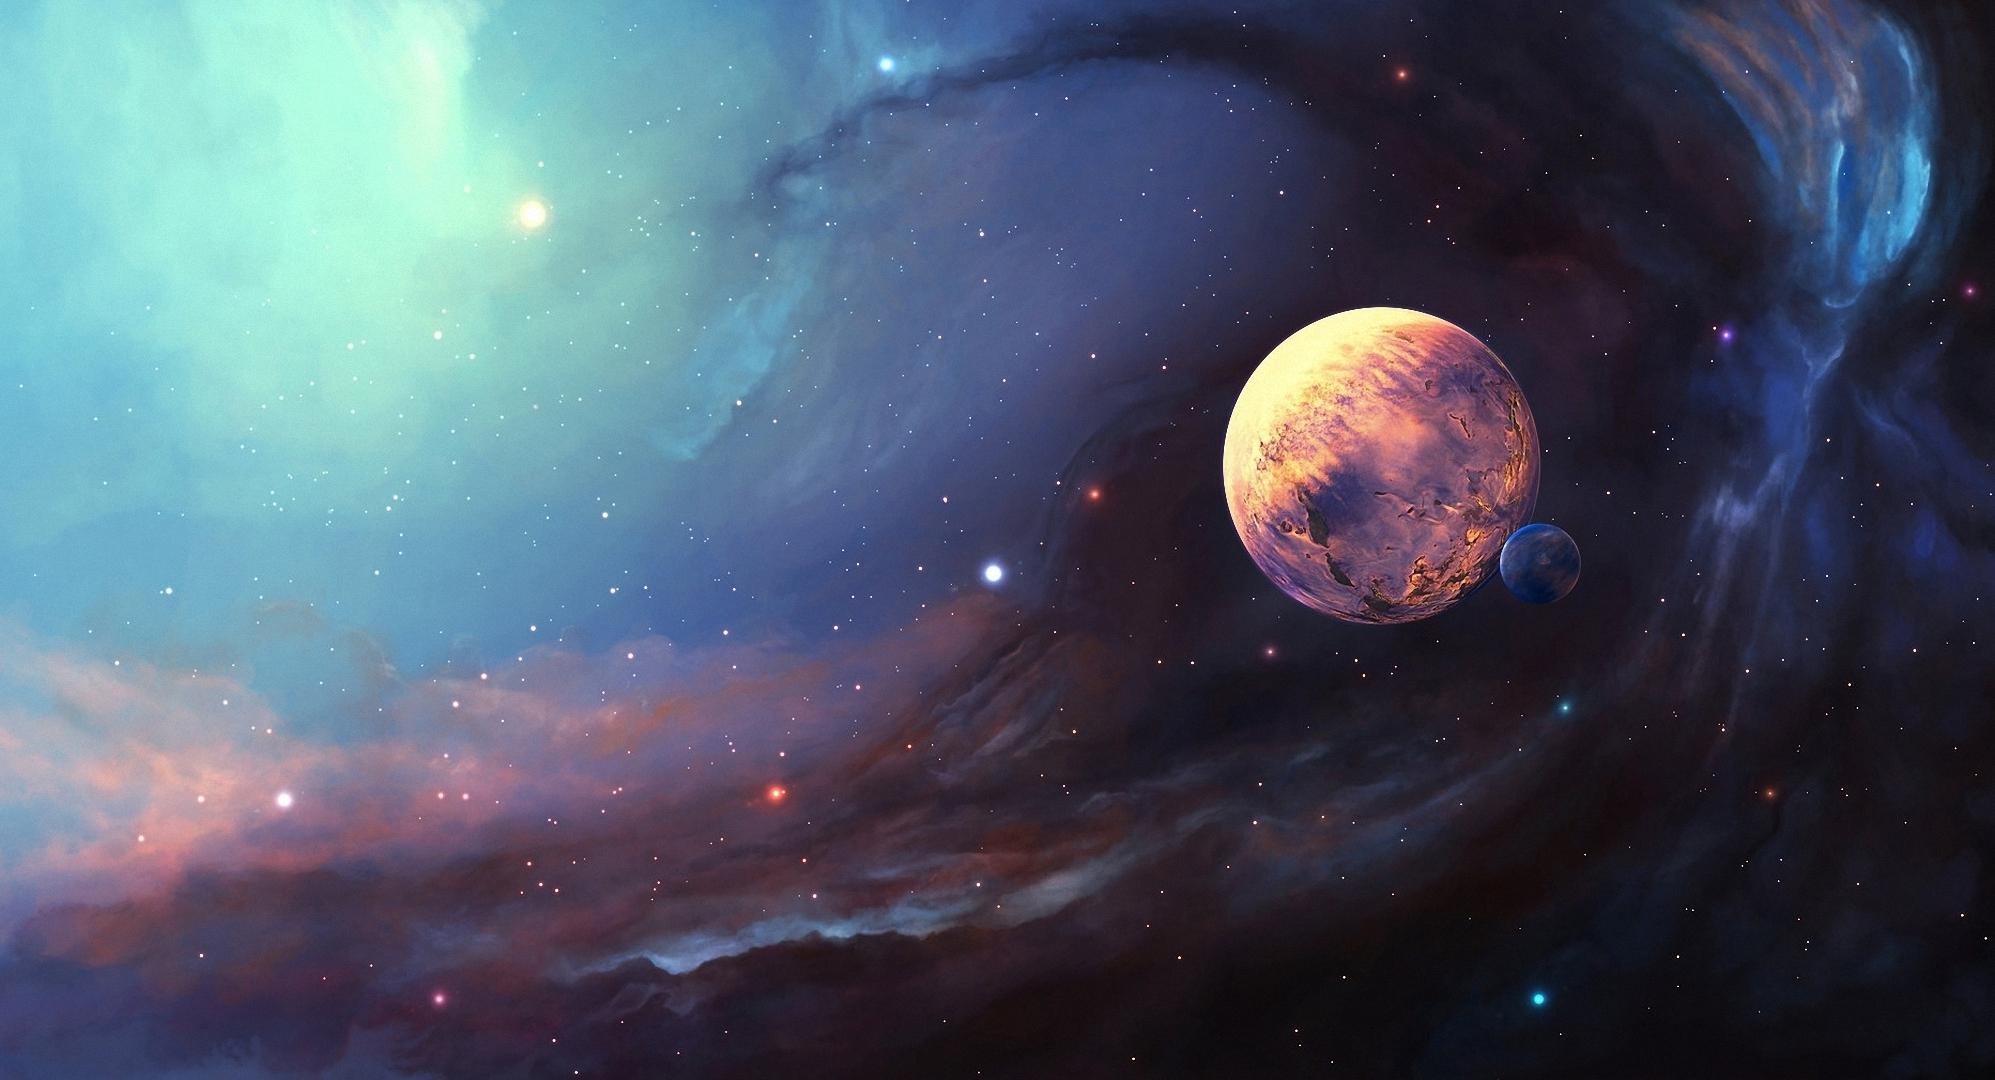 409365_art_kosmos_tumannost_planeta_sputnik_zvezdy_1995x1080_(www.GdeFon.ru)